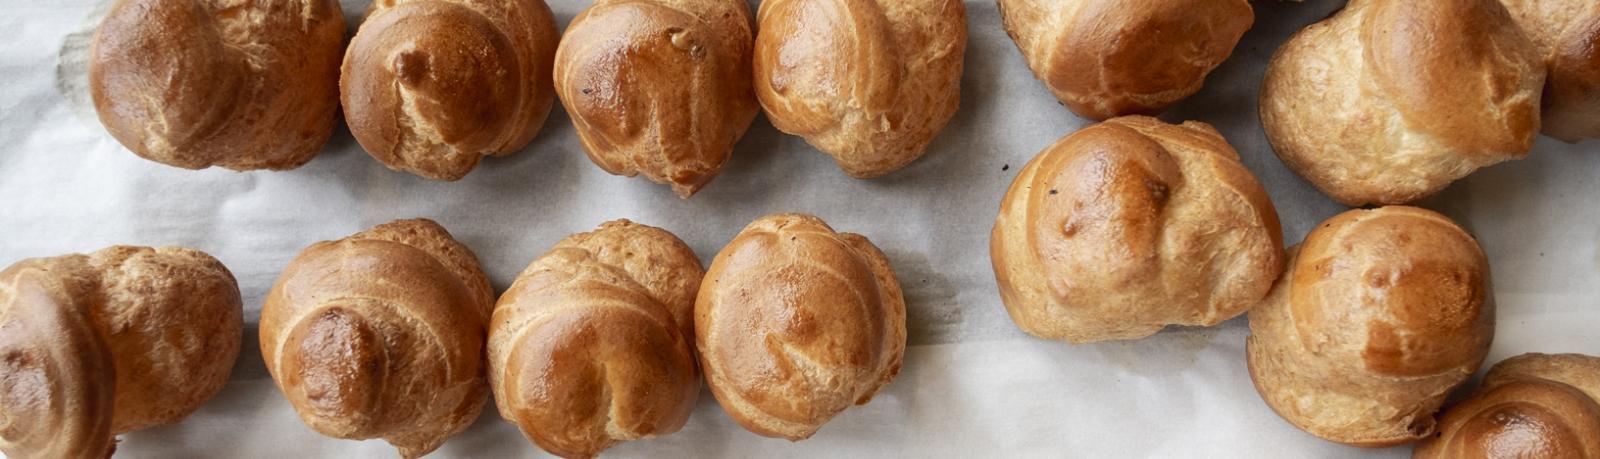 Ma pâte à choux de Jean-Marie Baudic